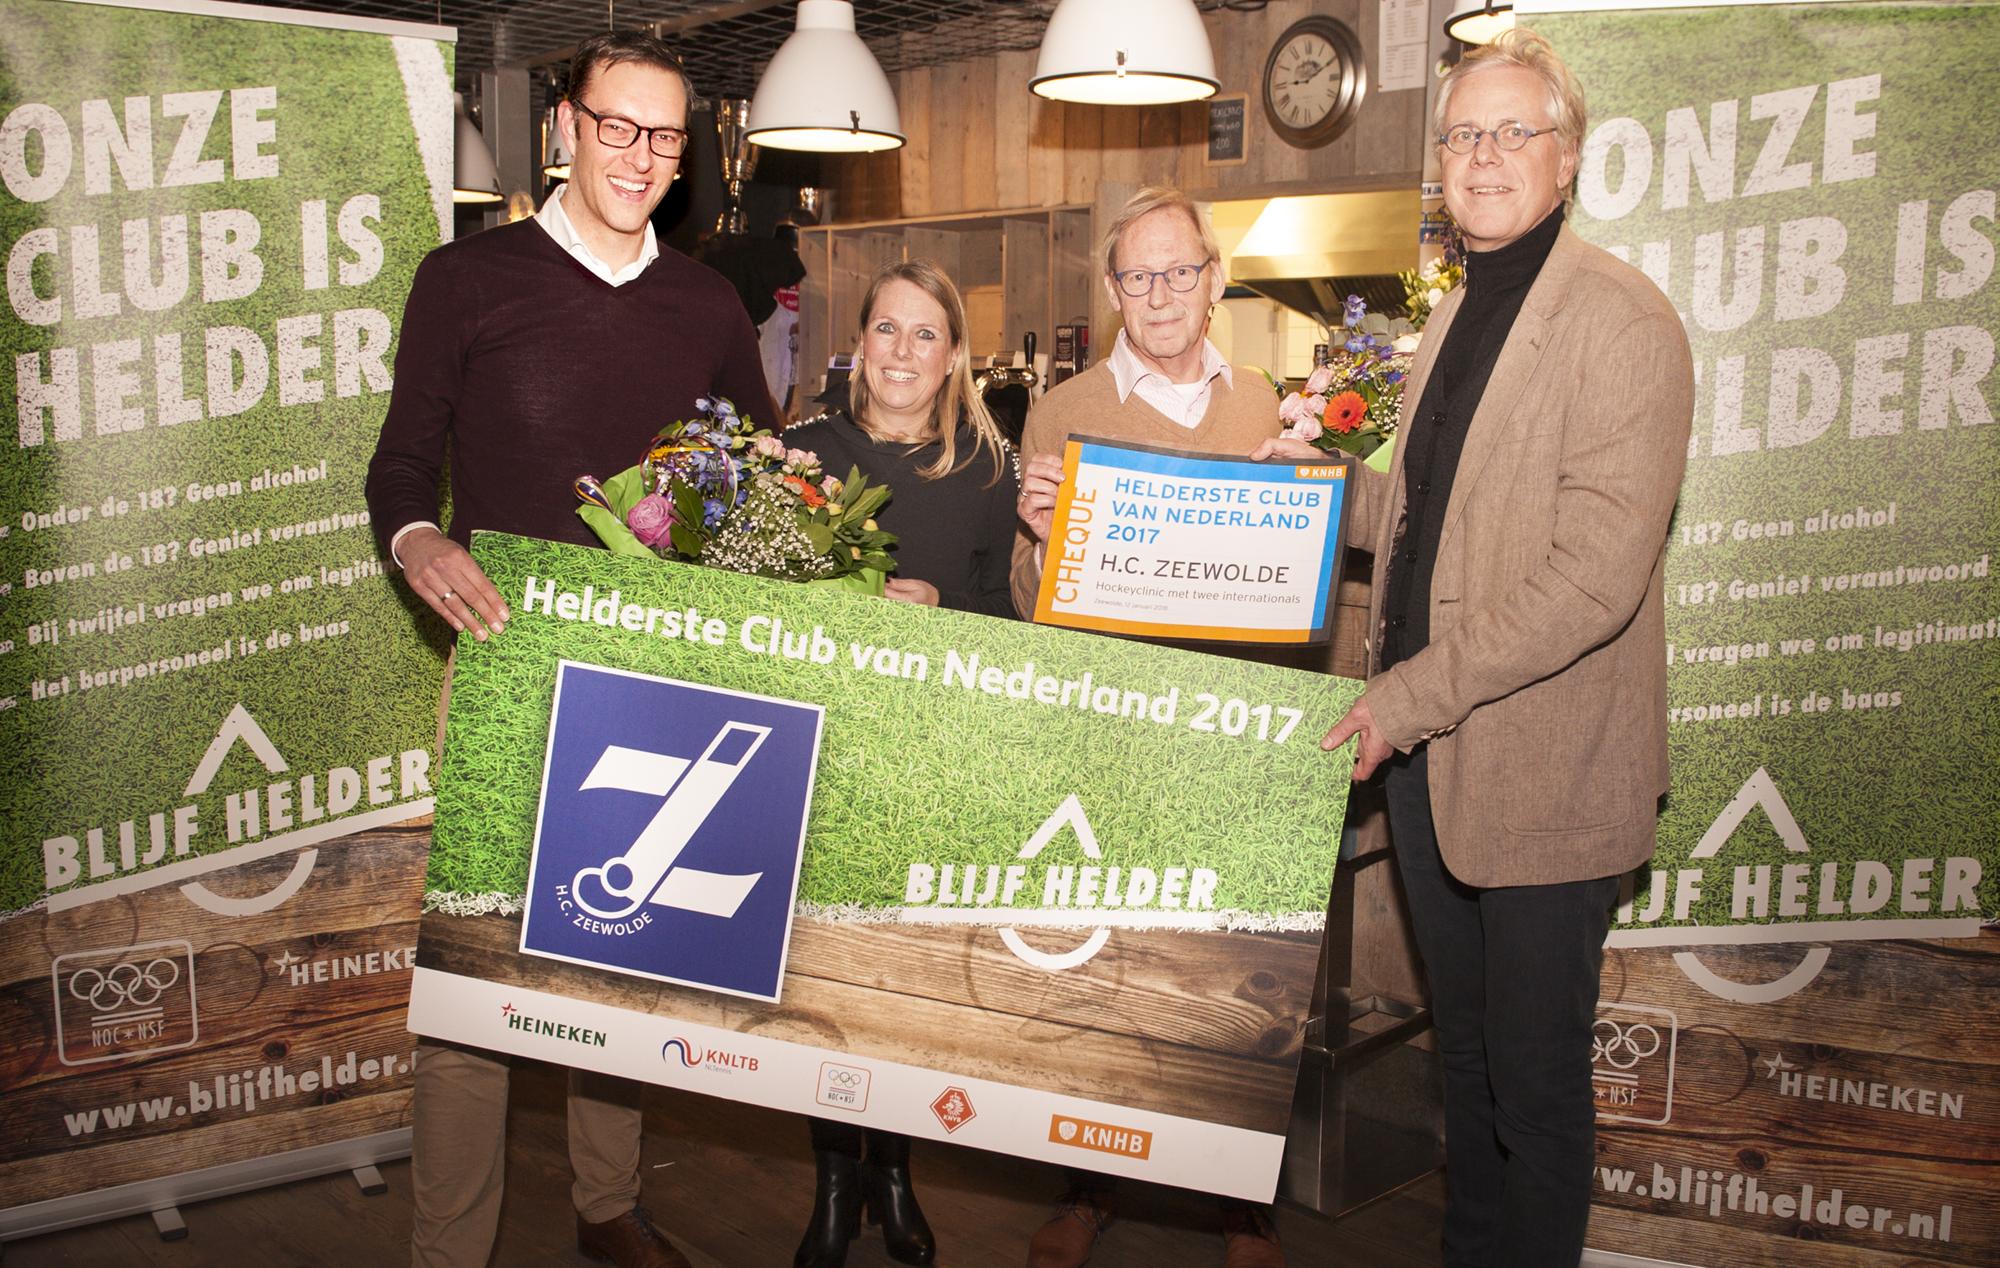 H.C. Zeewolde uitgeroepen tot 'Helderste Club van Nederland'